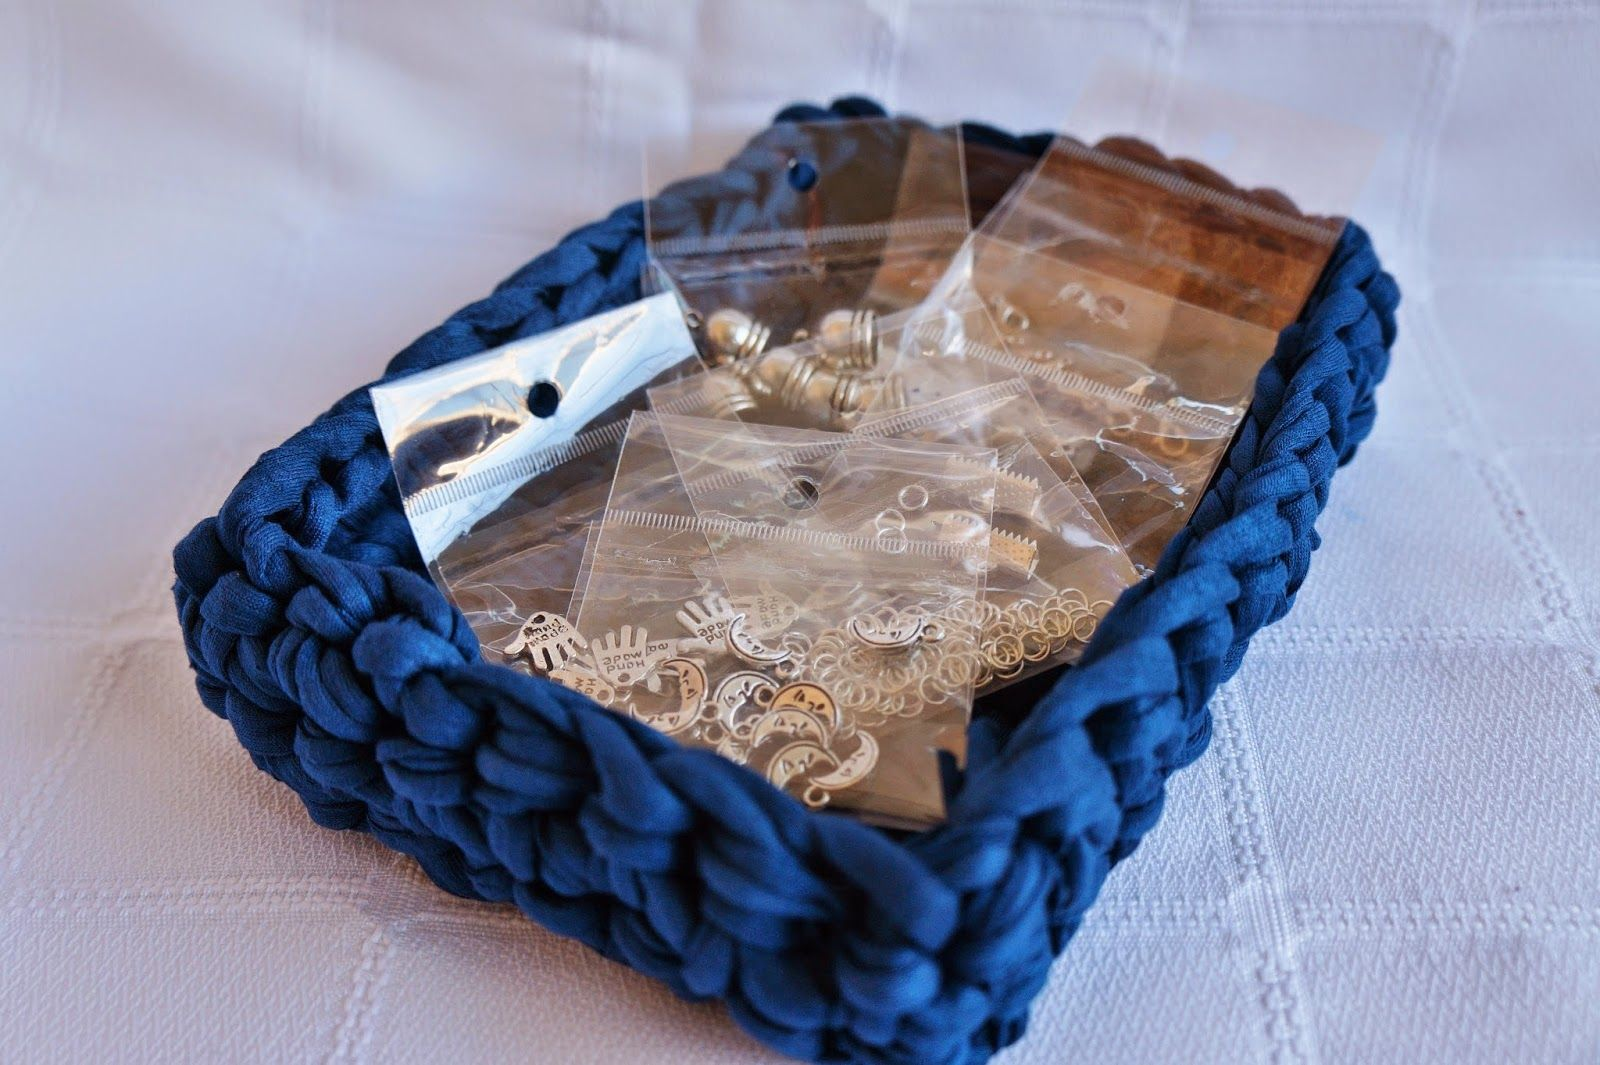 Las mejores creaciones de ganchillo, fimo, alambre, trapillo... Date un capricho, regala una o aprende con nosotras!